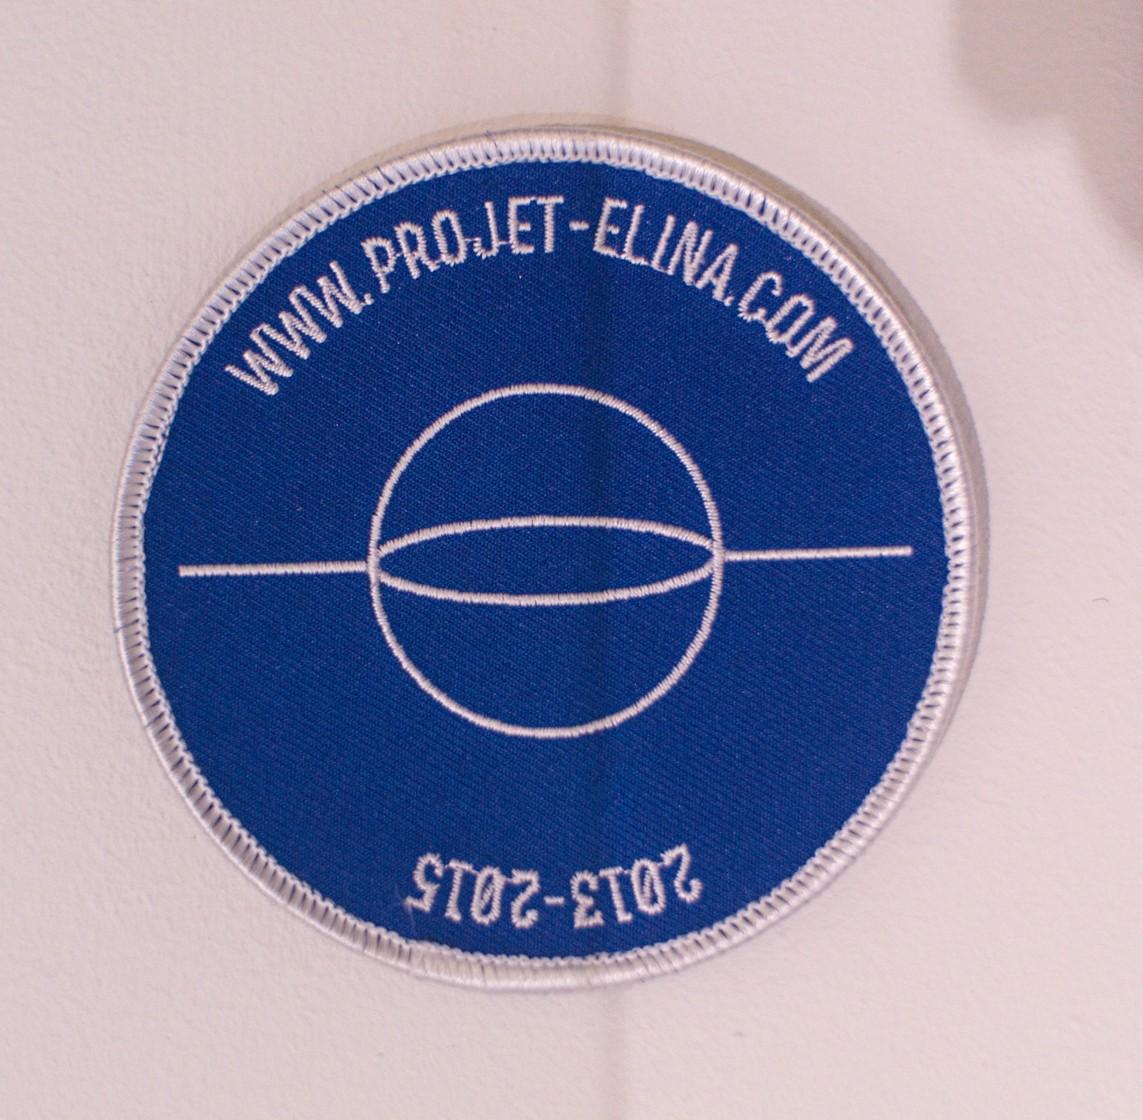 Badge »Projet Elina« – Baumwolle / 10 cm ø / 2015